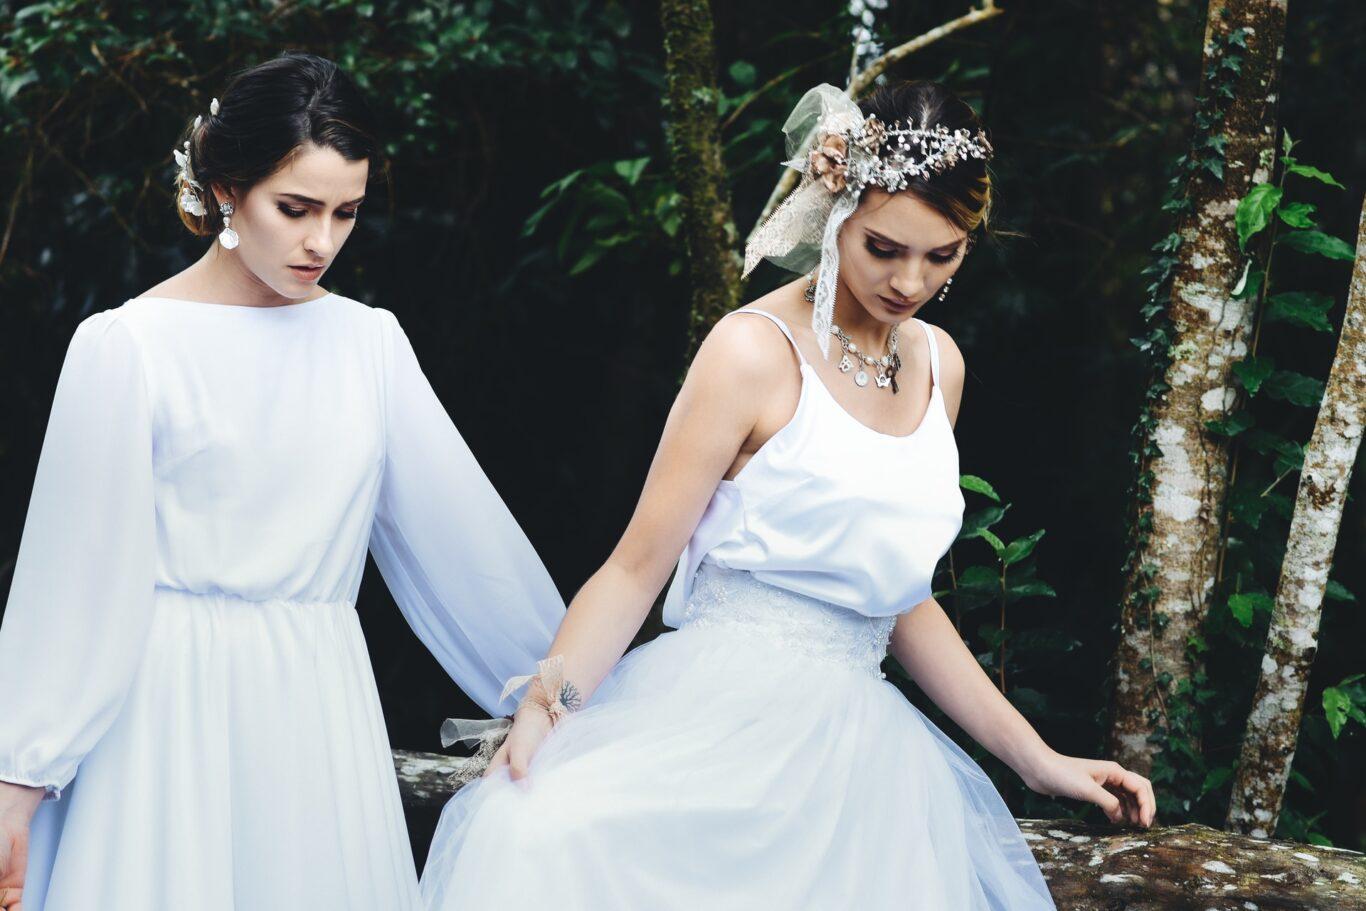 Ποιο νυφικό ταιριάζει στην νύφη;